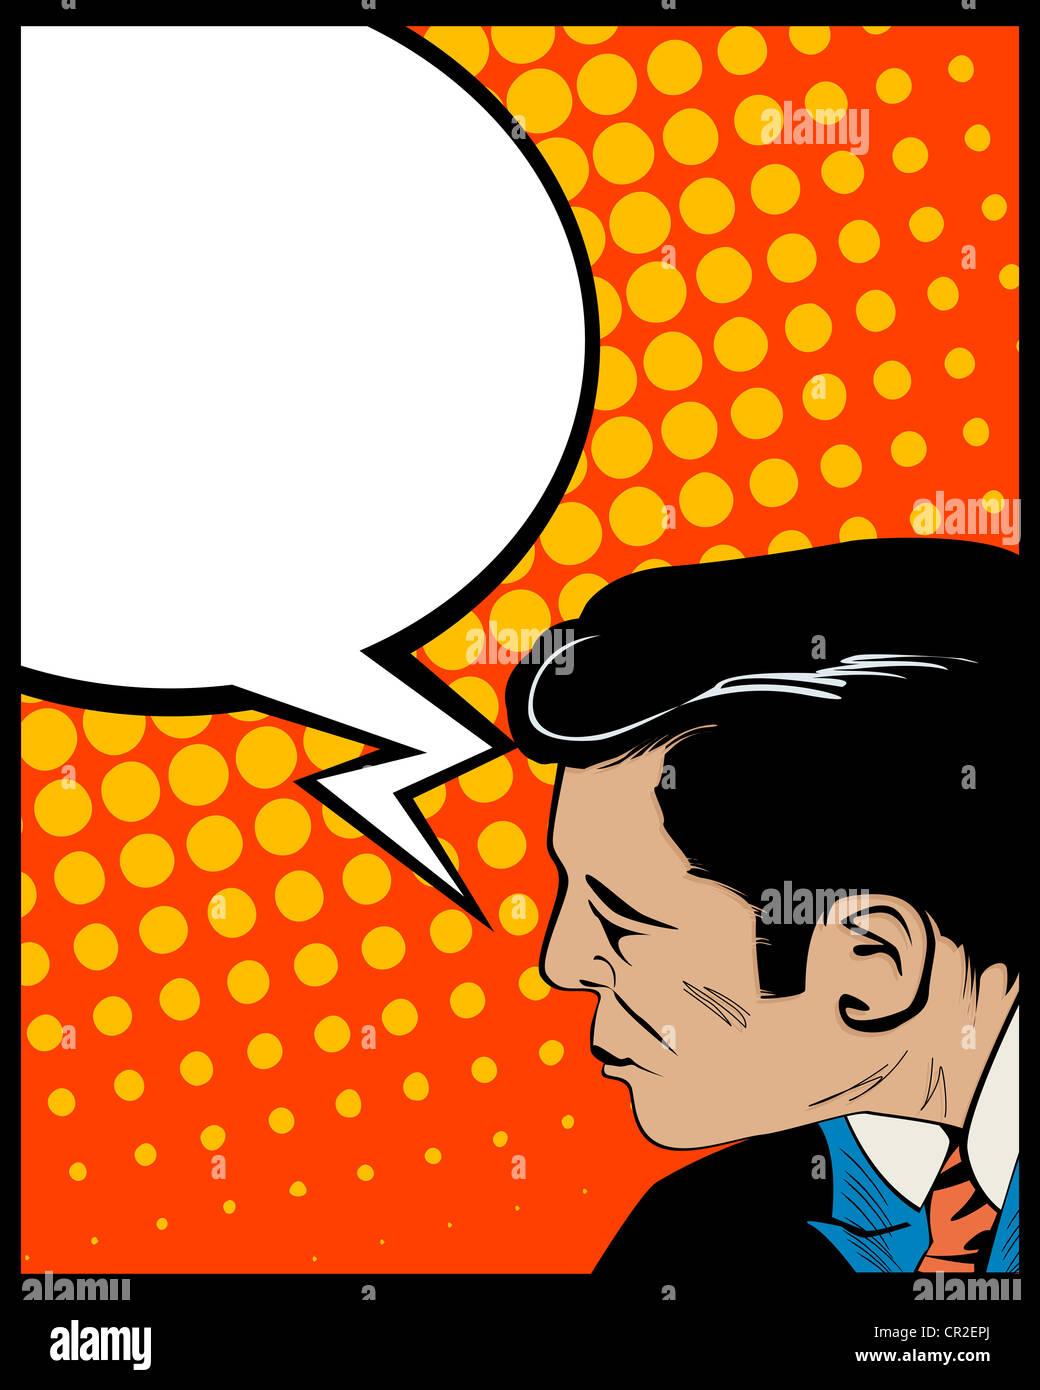 Gráfico em estilo pop art com o homem e o balão de fala Imagens de Stock